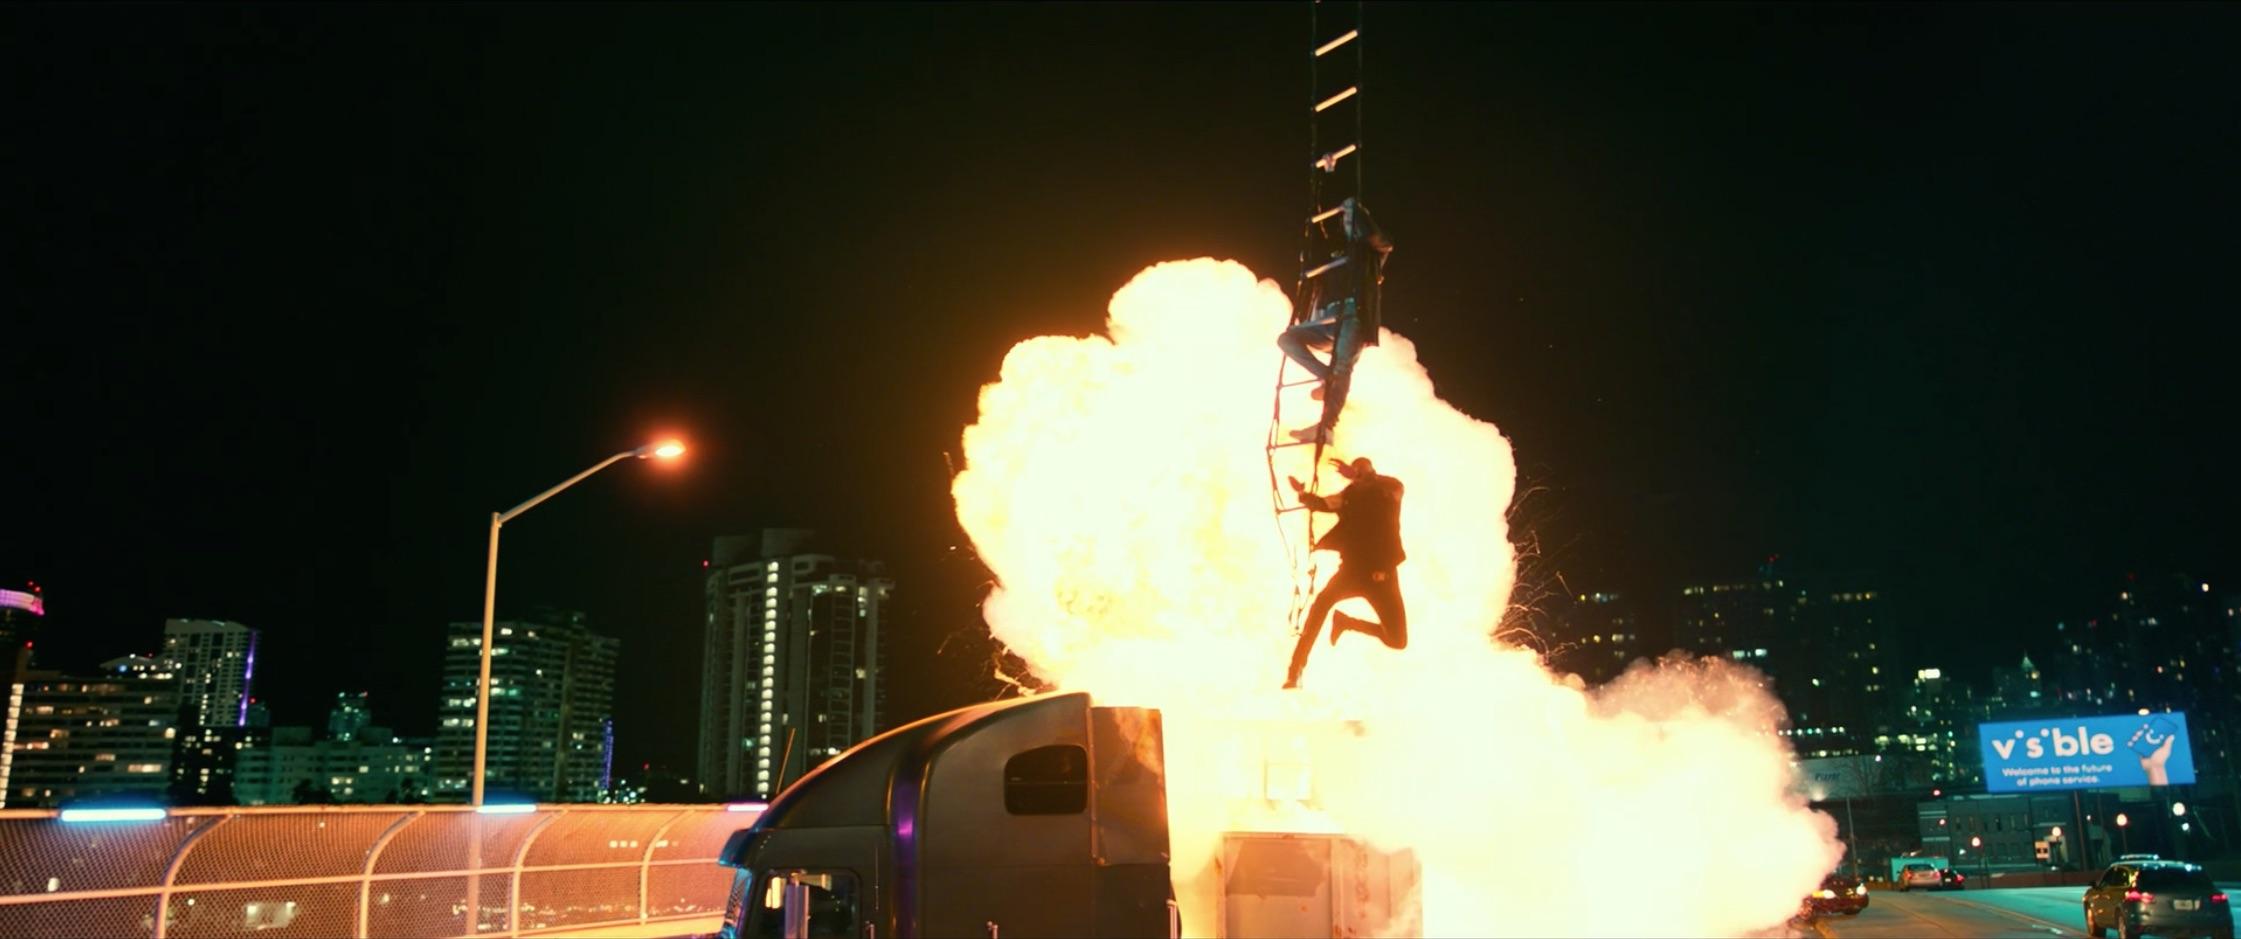 Bad Boys For Life semi truck explosion escape